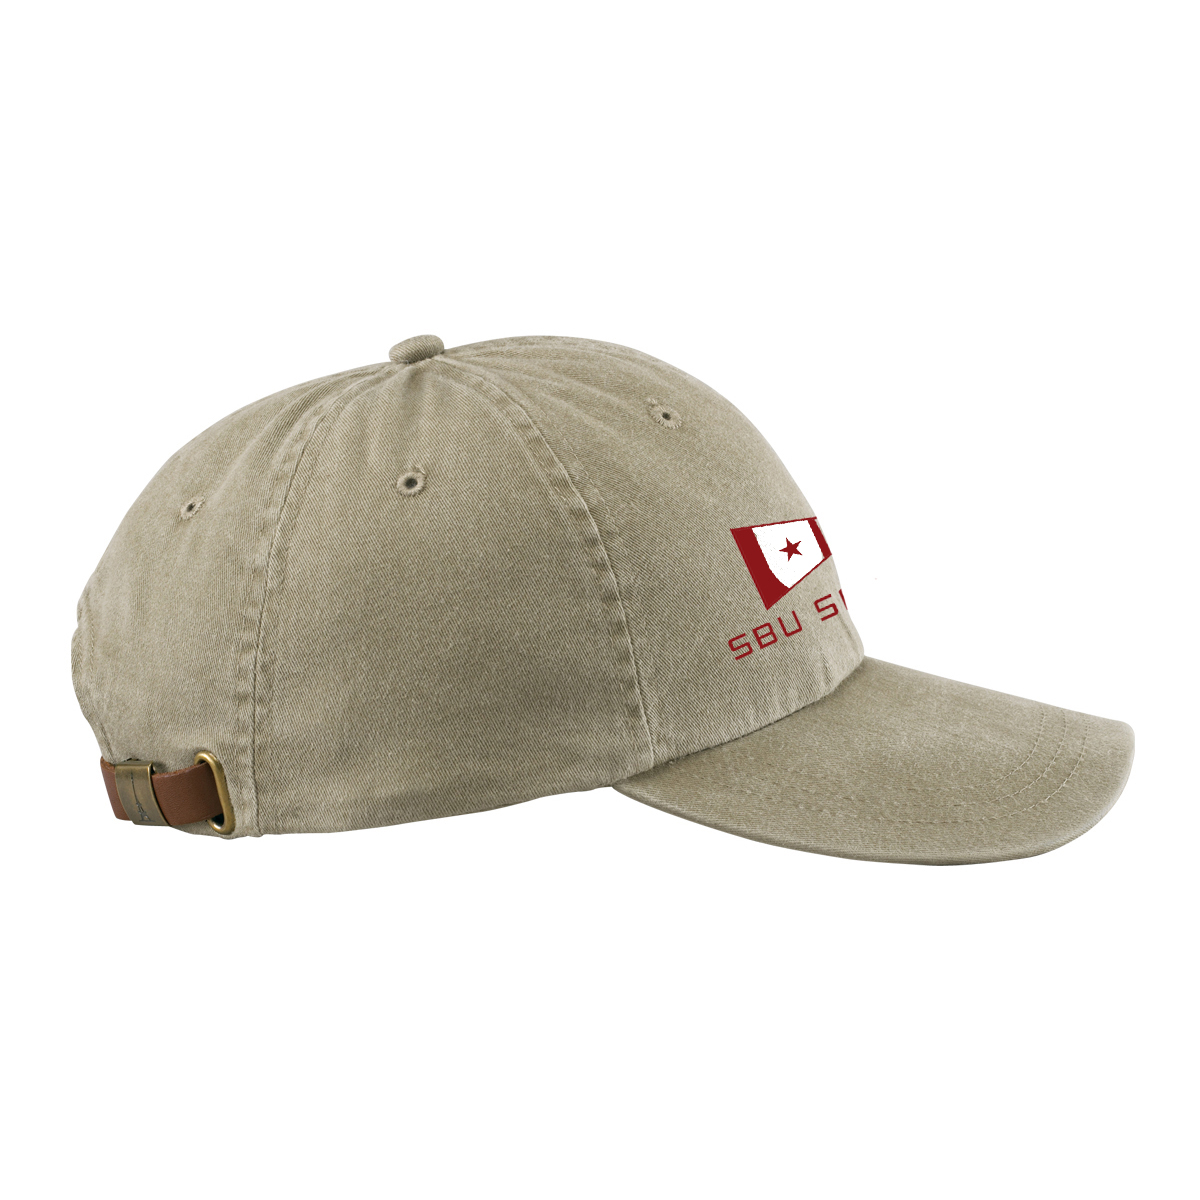 SBU - WASHED TWILL HAT